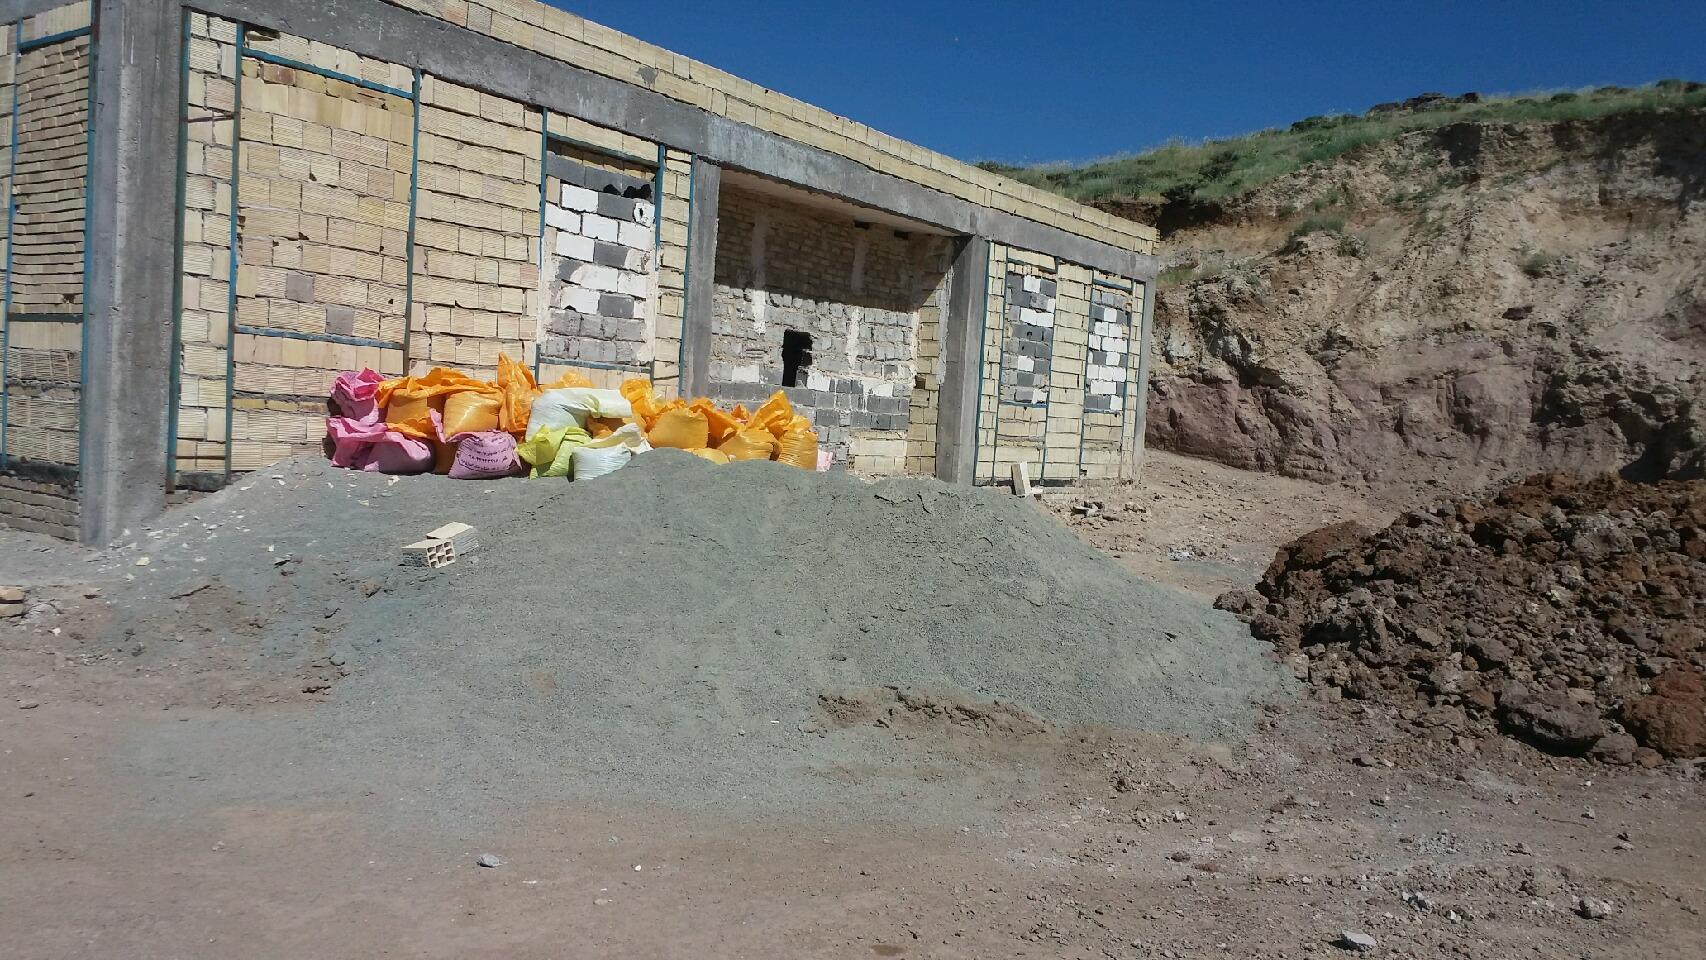 """عضو شورای روستای """"کاماسار"""":زمستان پا در گِل و تابستان خاک بر سَر داریم!"""